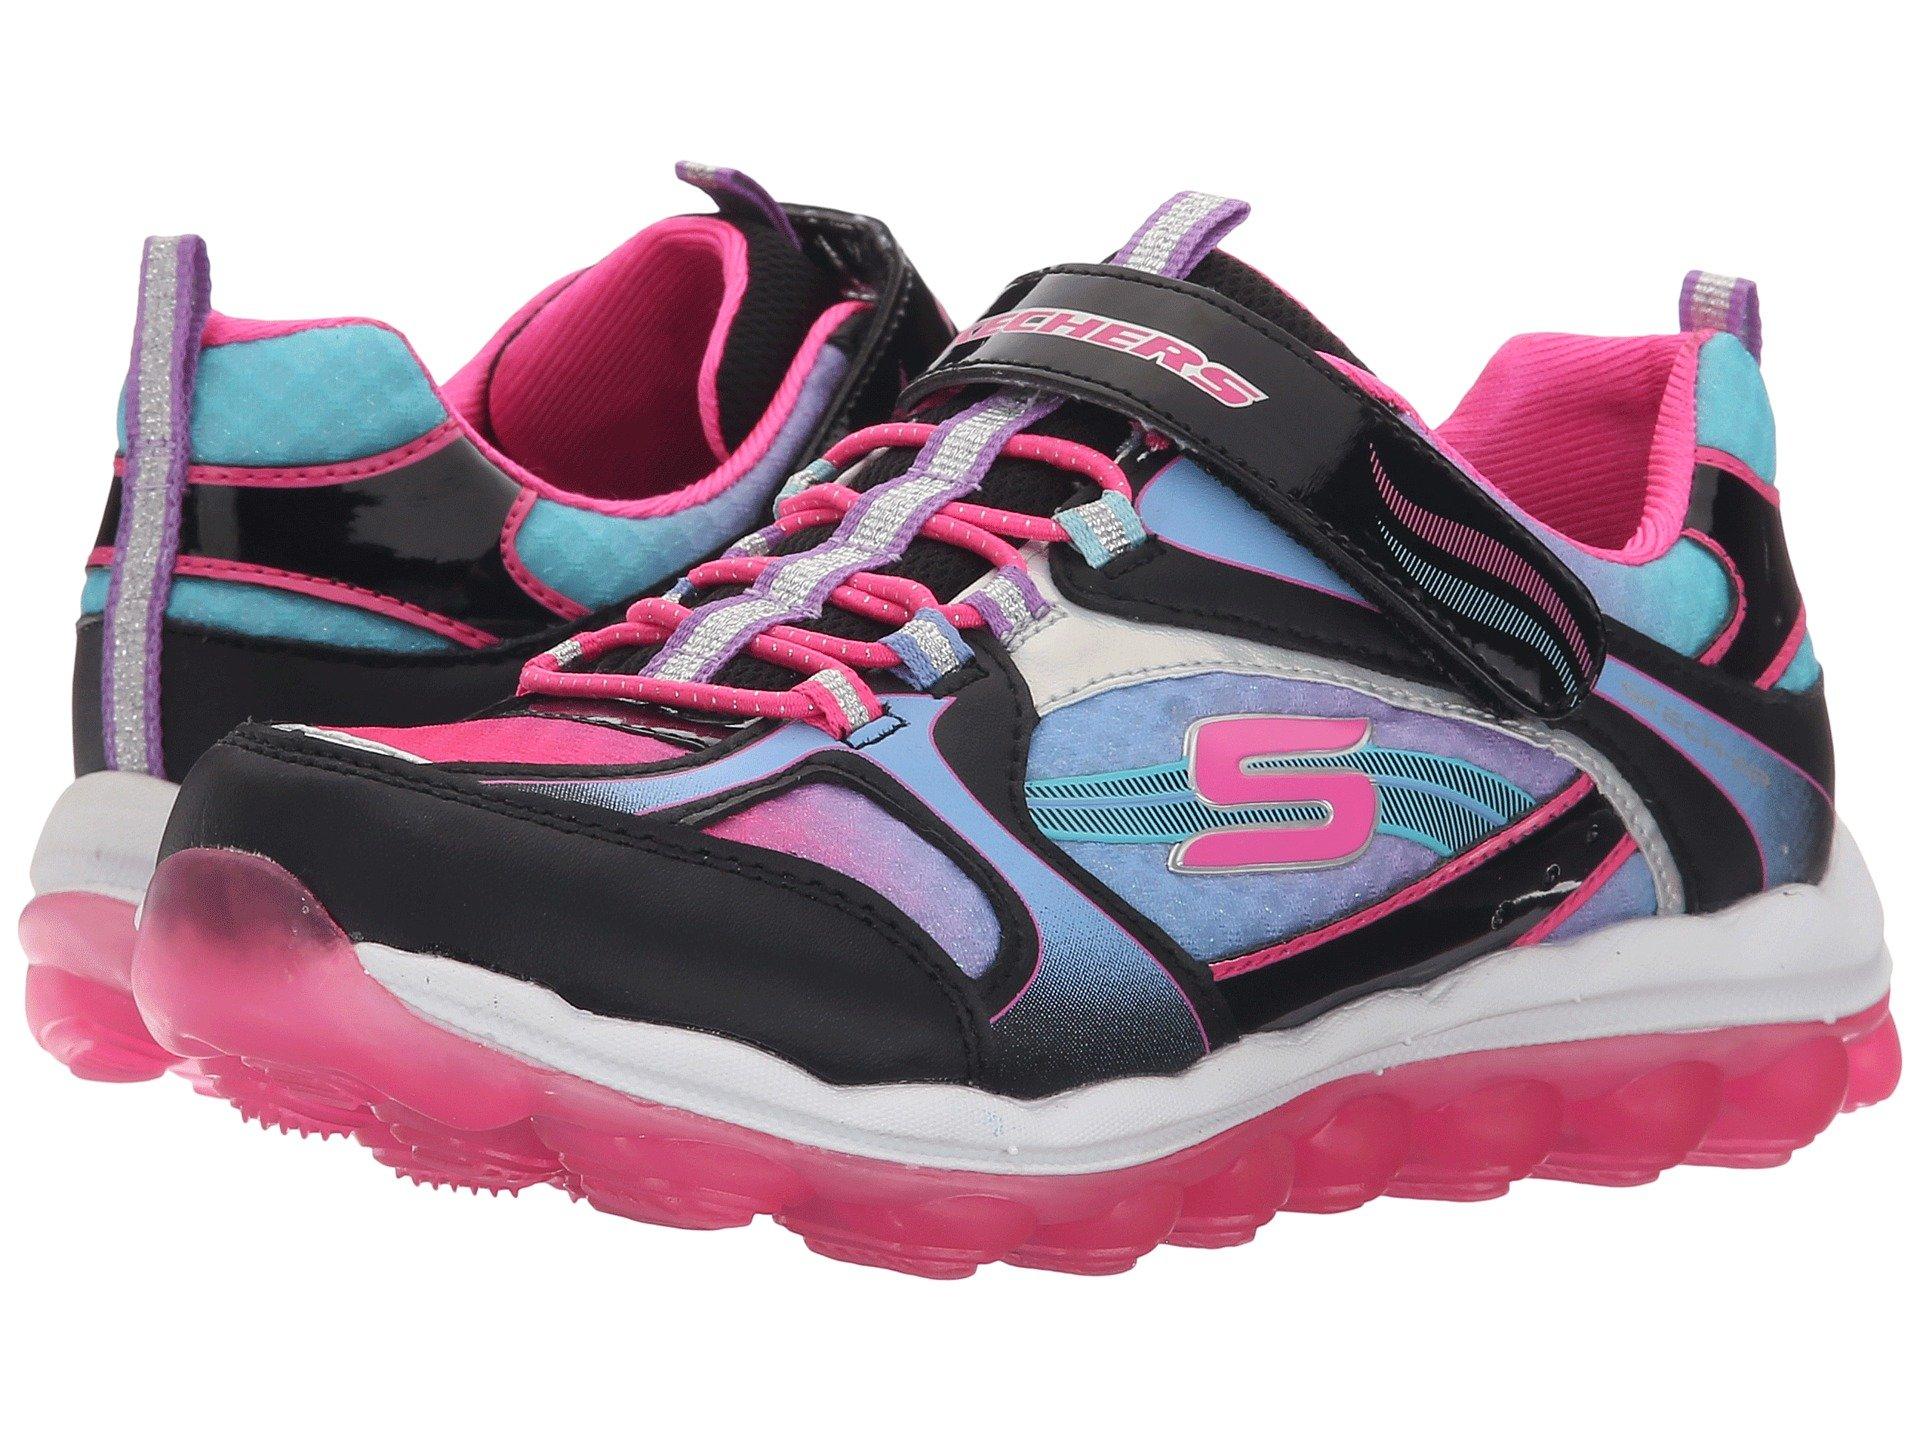 Skechers Black Pink Memory Foam Shoes Girls Kids Amazon